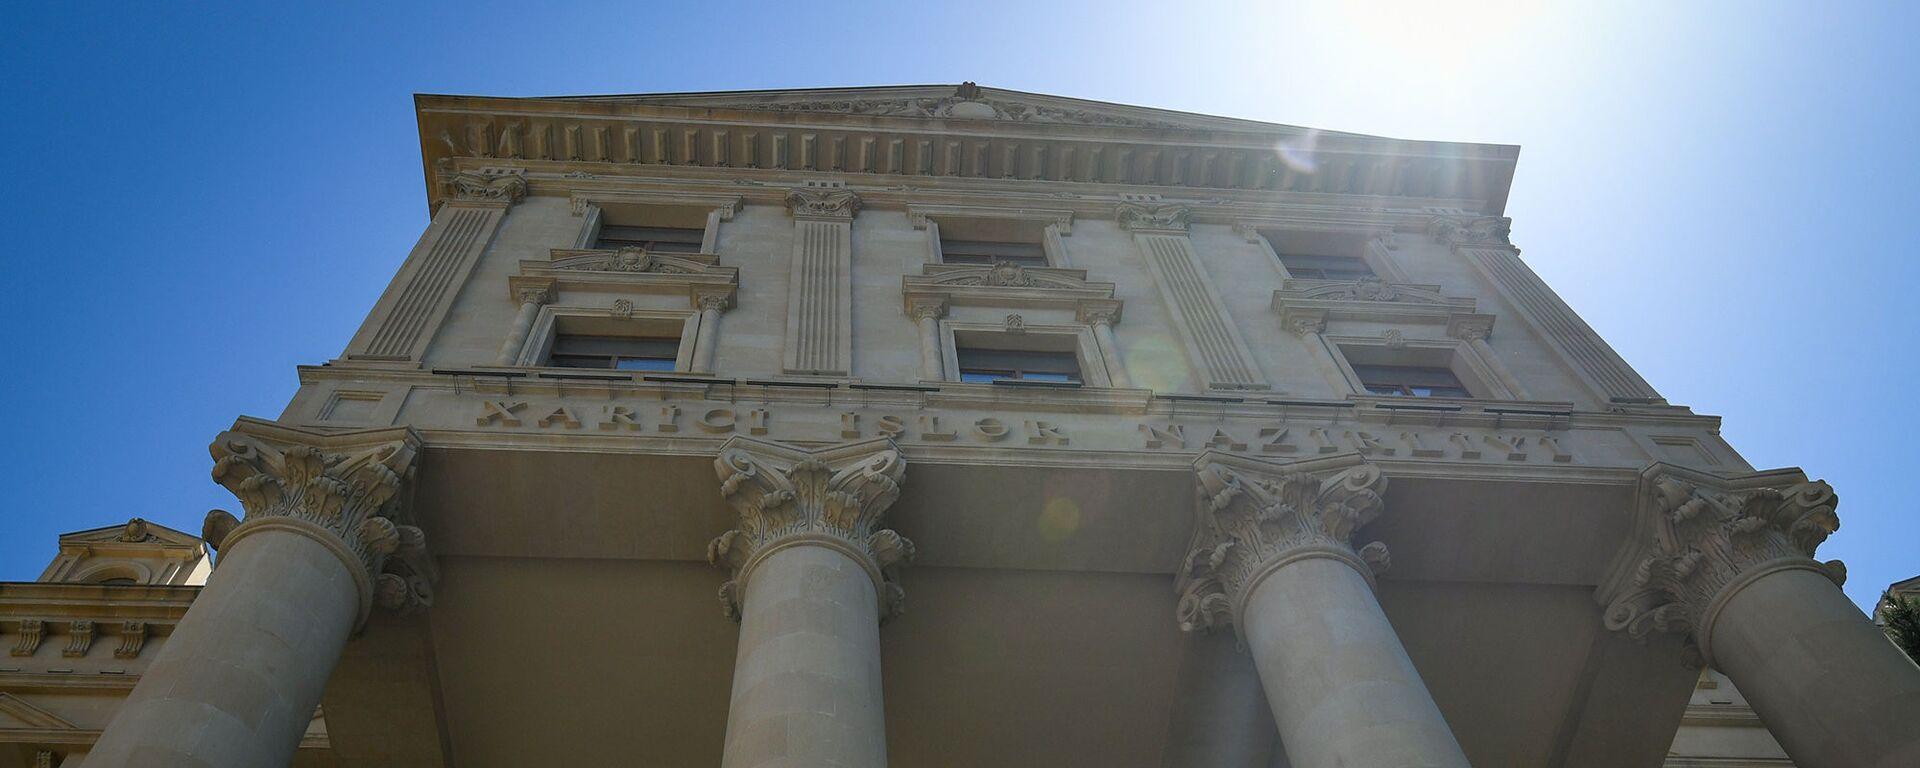 Здание Министерства иностранных дел Азербайджанской Республики в Баку - Sputnik Азербайджан, 1920, 14.10.2021